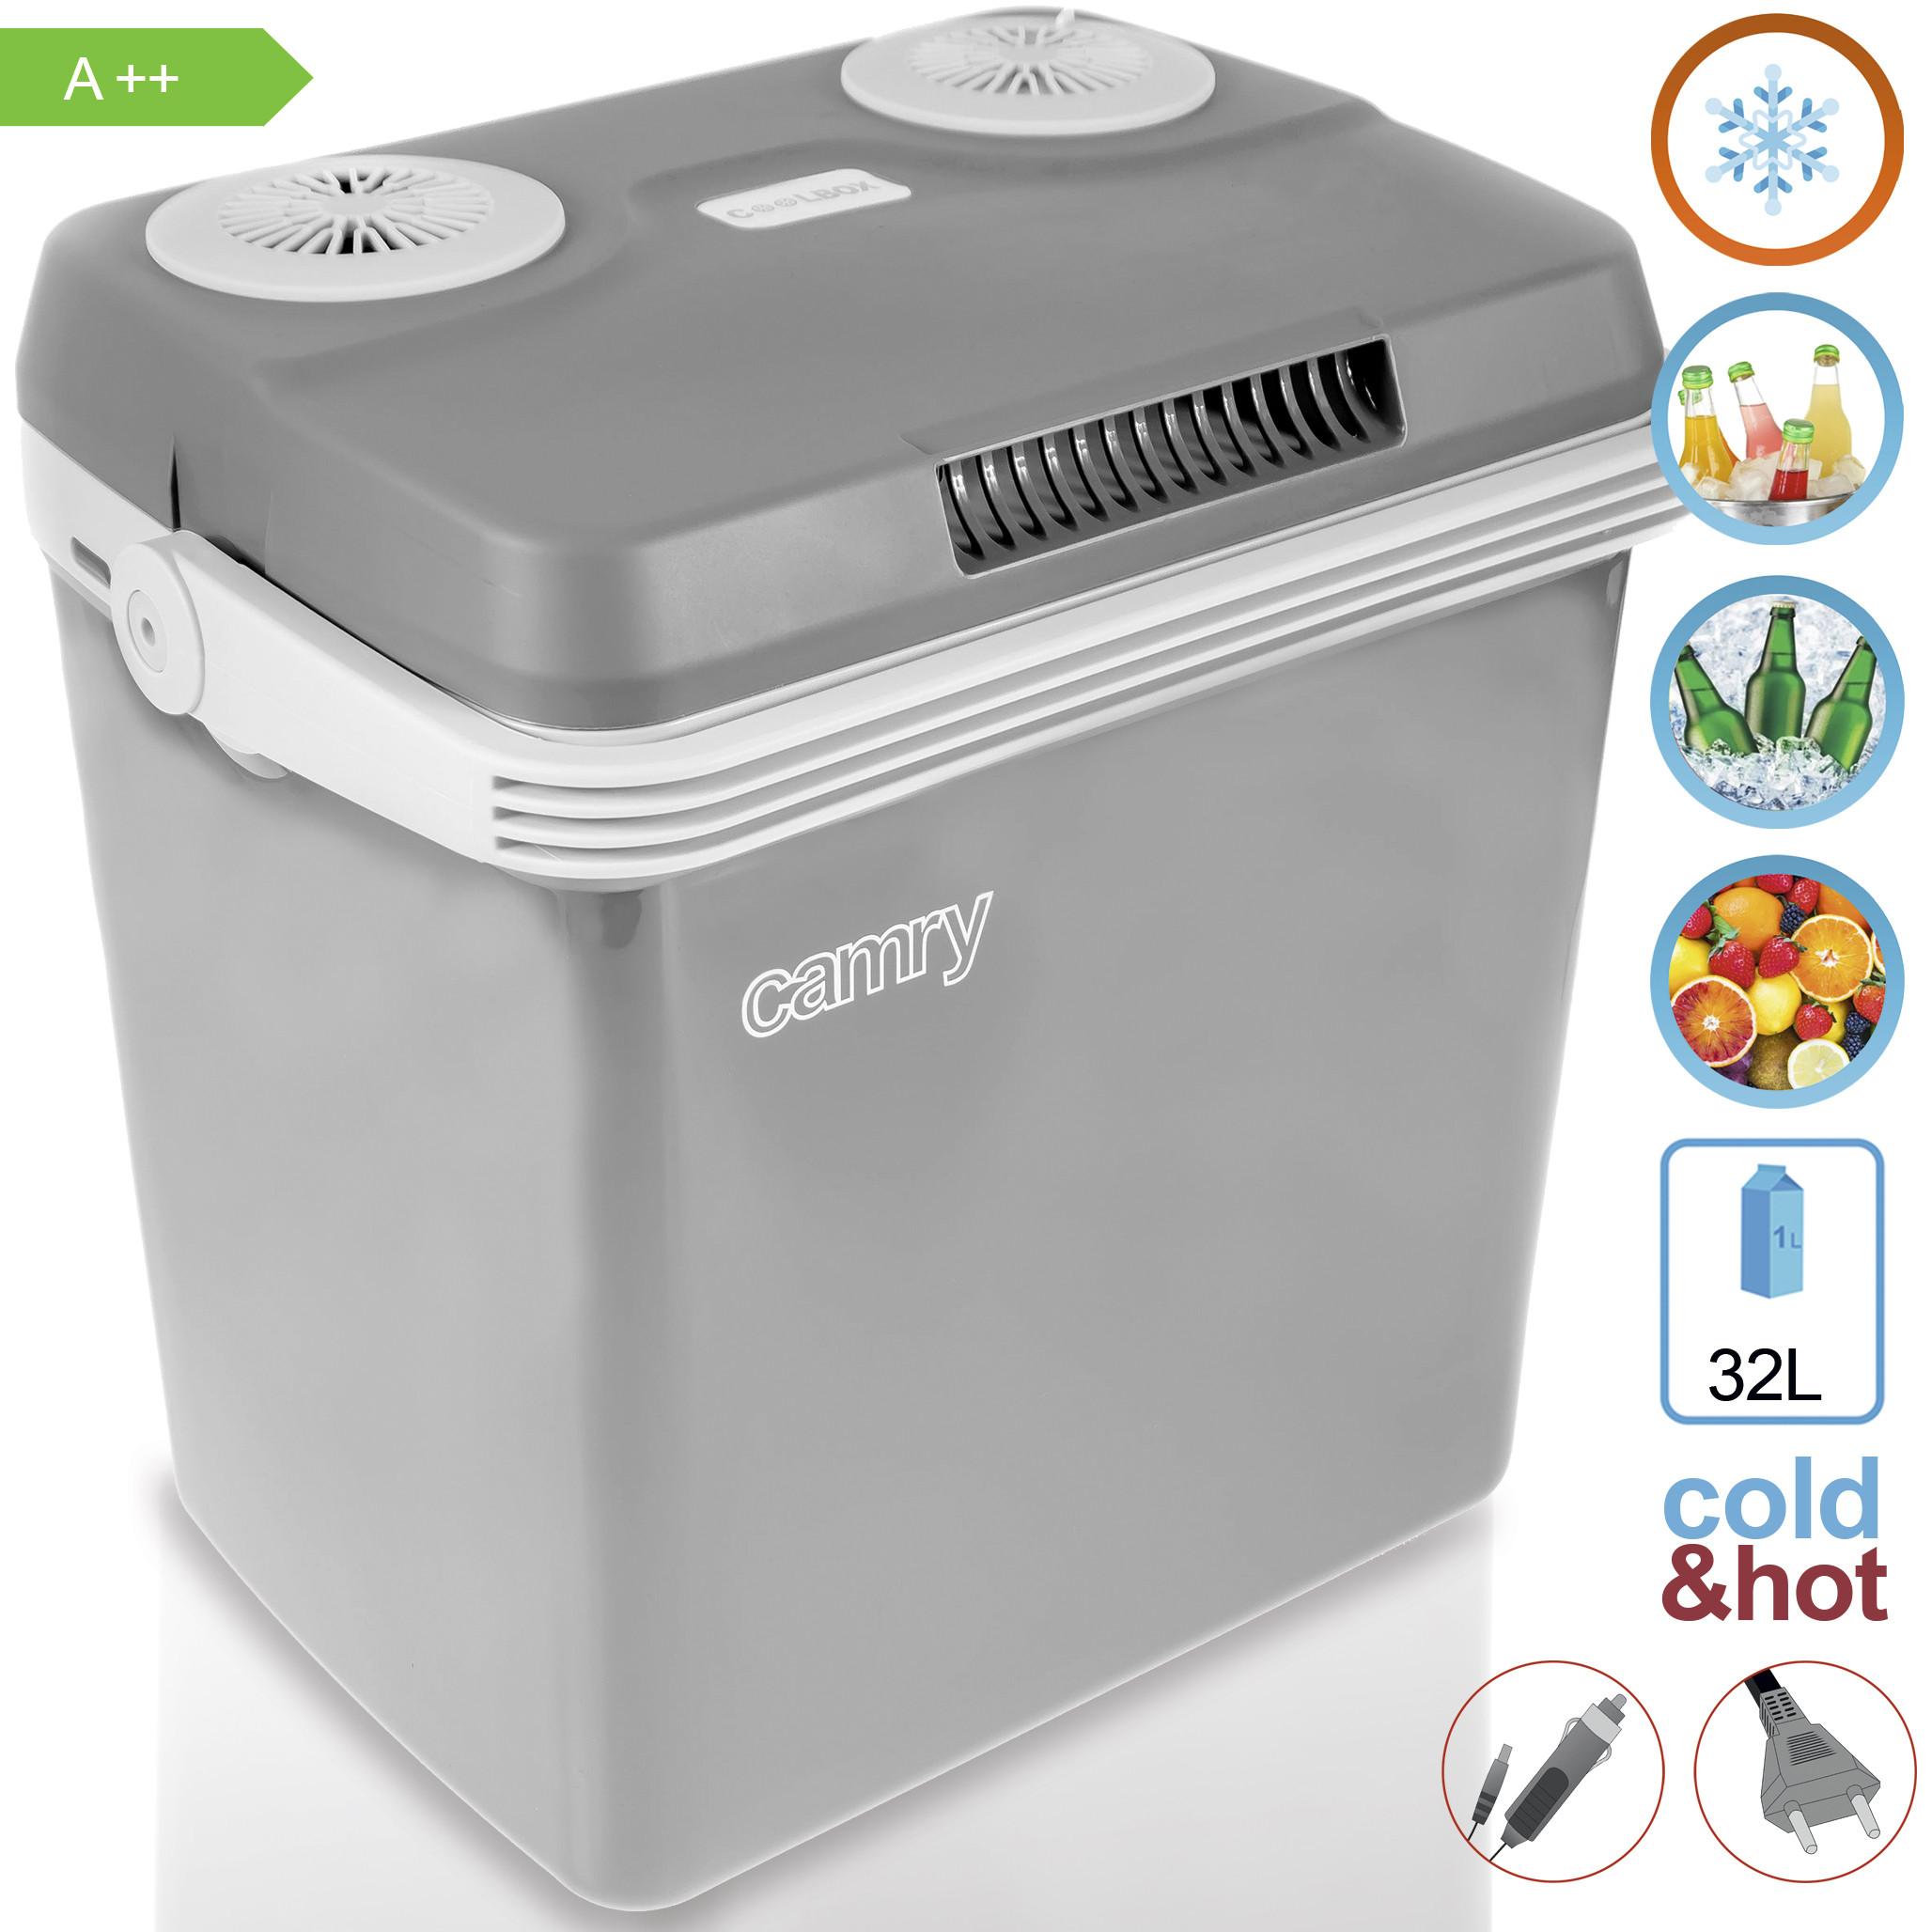 Camry CR 93 - Nevera portátil eléctrica de viaje para coche, camping, 12V/230V, capacidad 32 Litros, A++